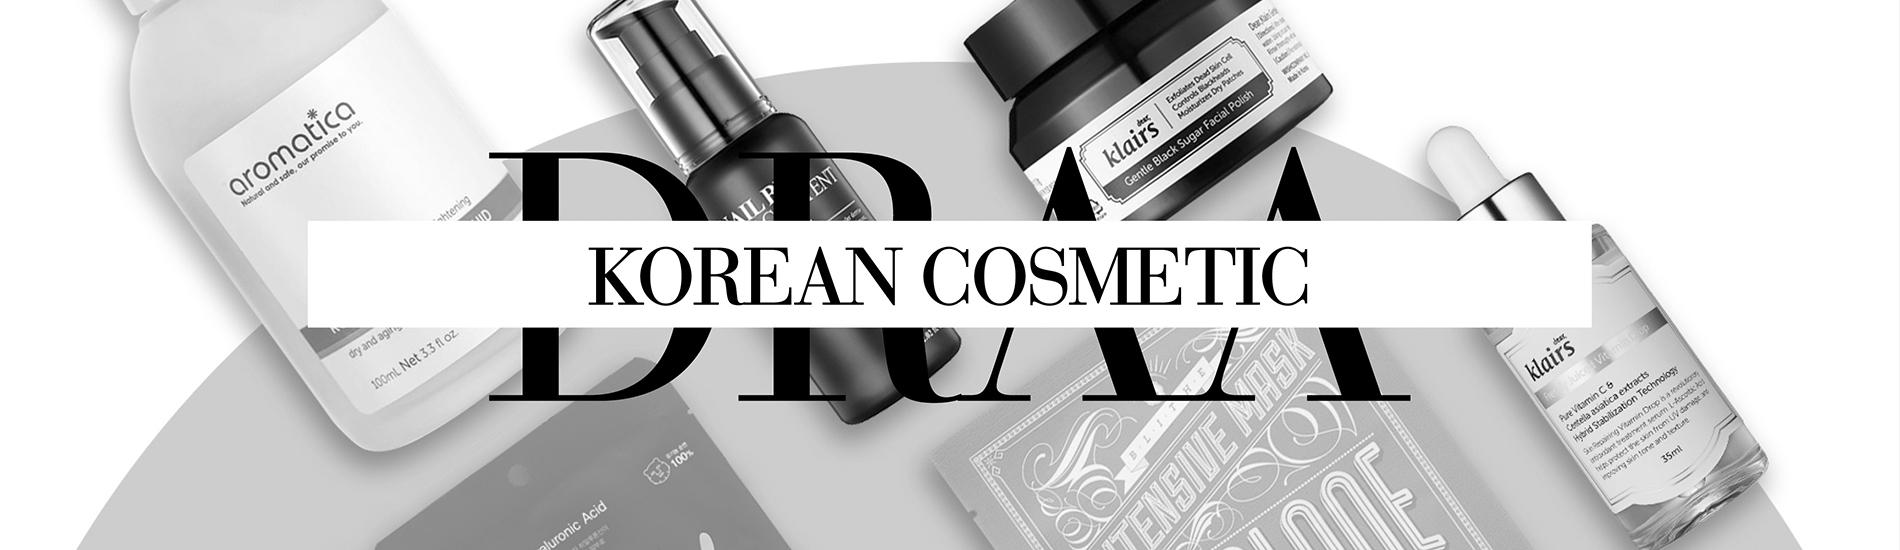 cabecera del rosa al amarillo cosmética coreana